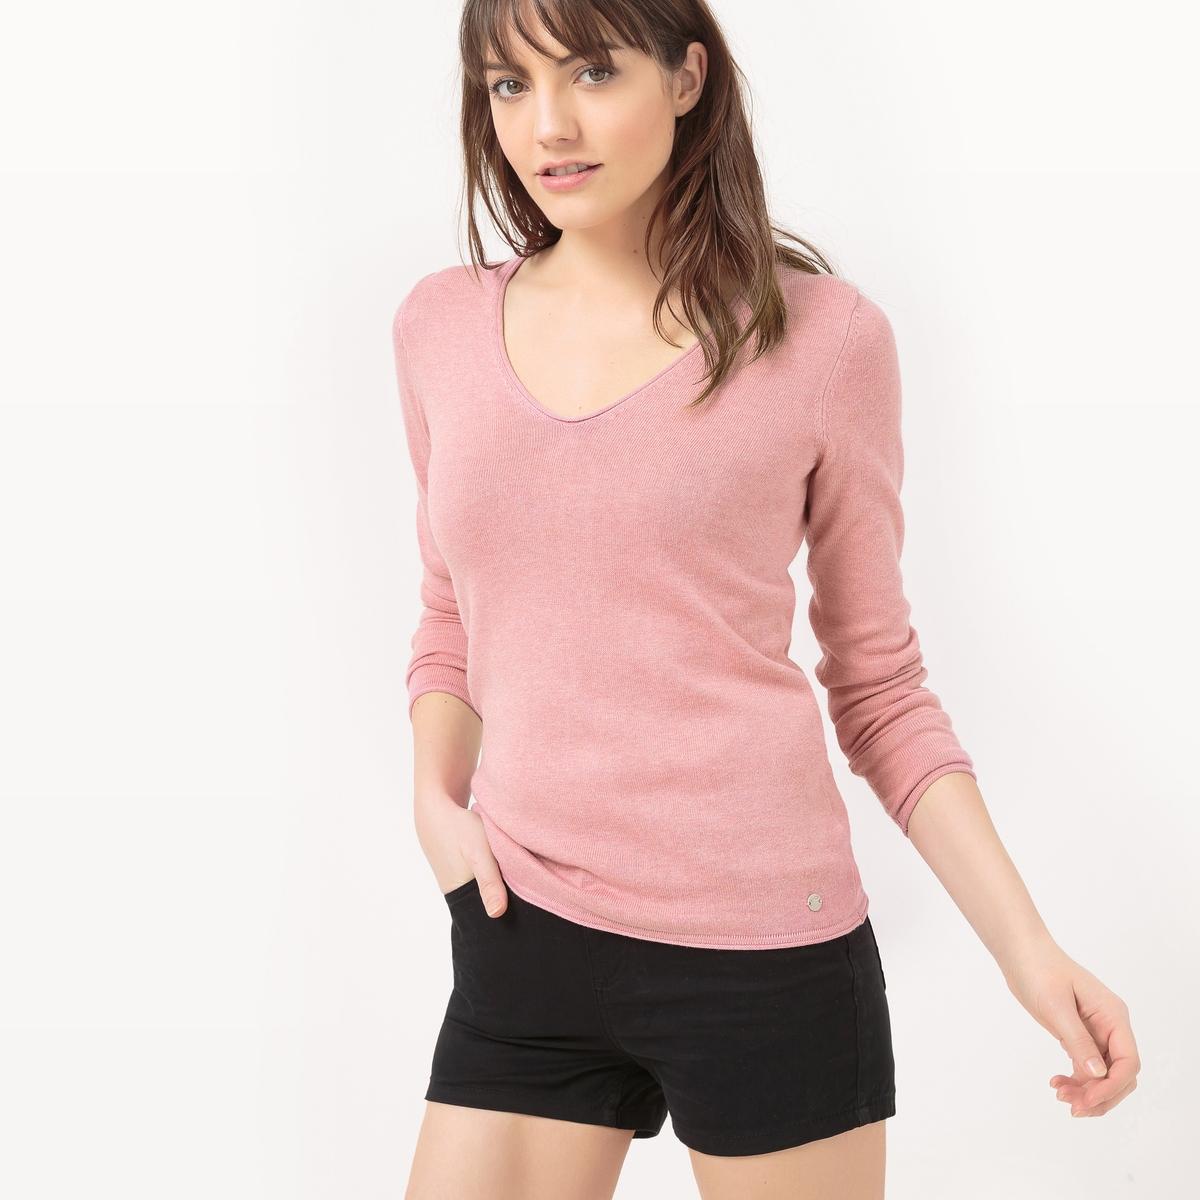 Пуловер с V-образным вырезомМатериал : 40% вискозы, 60% хлопка Длина рукава : длинные рукава Форма воротника : V-образный вырез Покрой пуловера : стандартный Рисунок : однотонная модель<br><br>Цвет: розовый<br>Размер: S